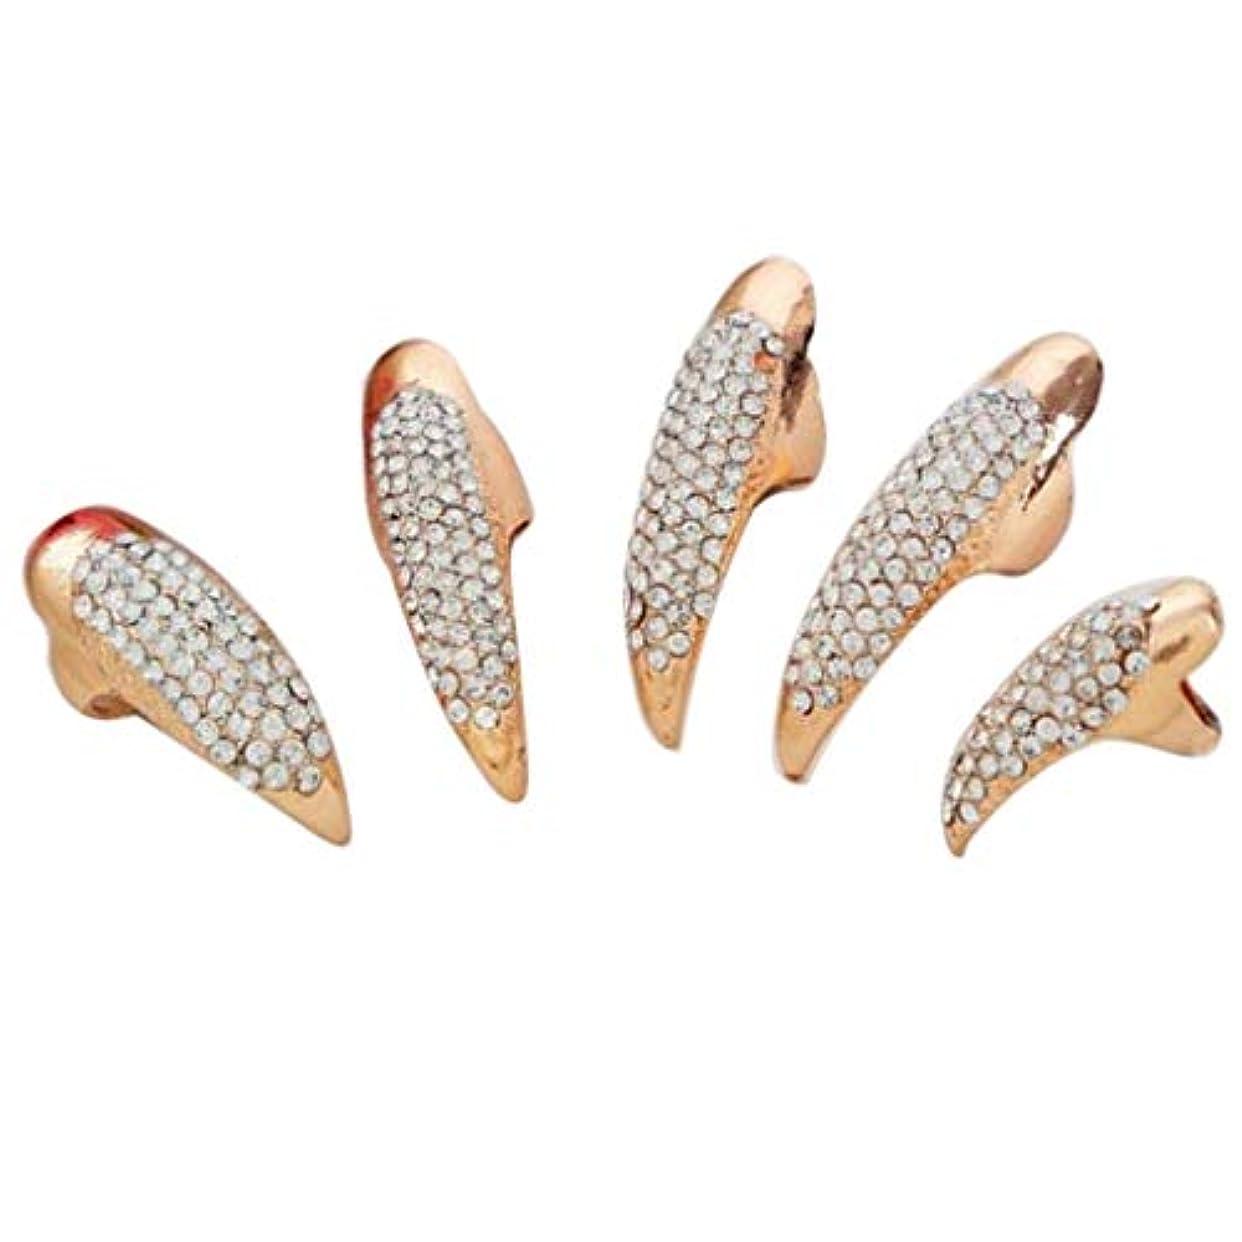 チャールズキージングキャッシュ名目上のToygogo ネイルリング チップリング 爪の指輪 指先の指輪 ネイルアート アクセサリー 2色選べ - ゴールデン